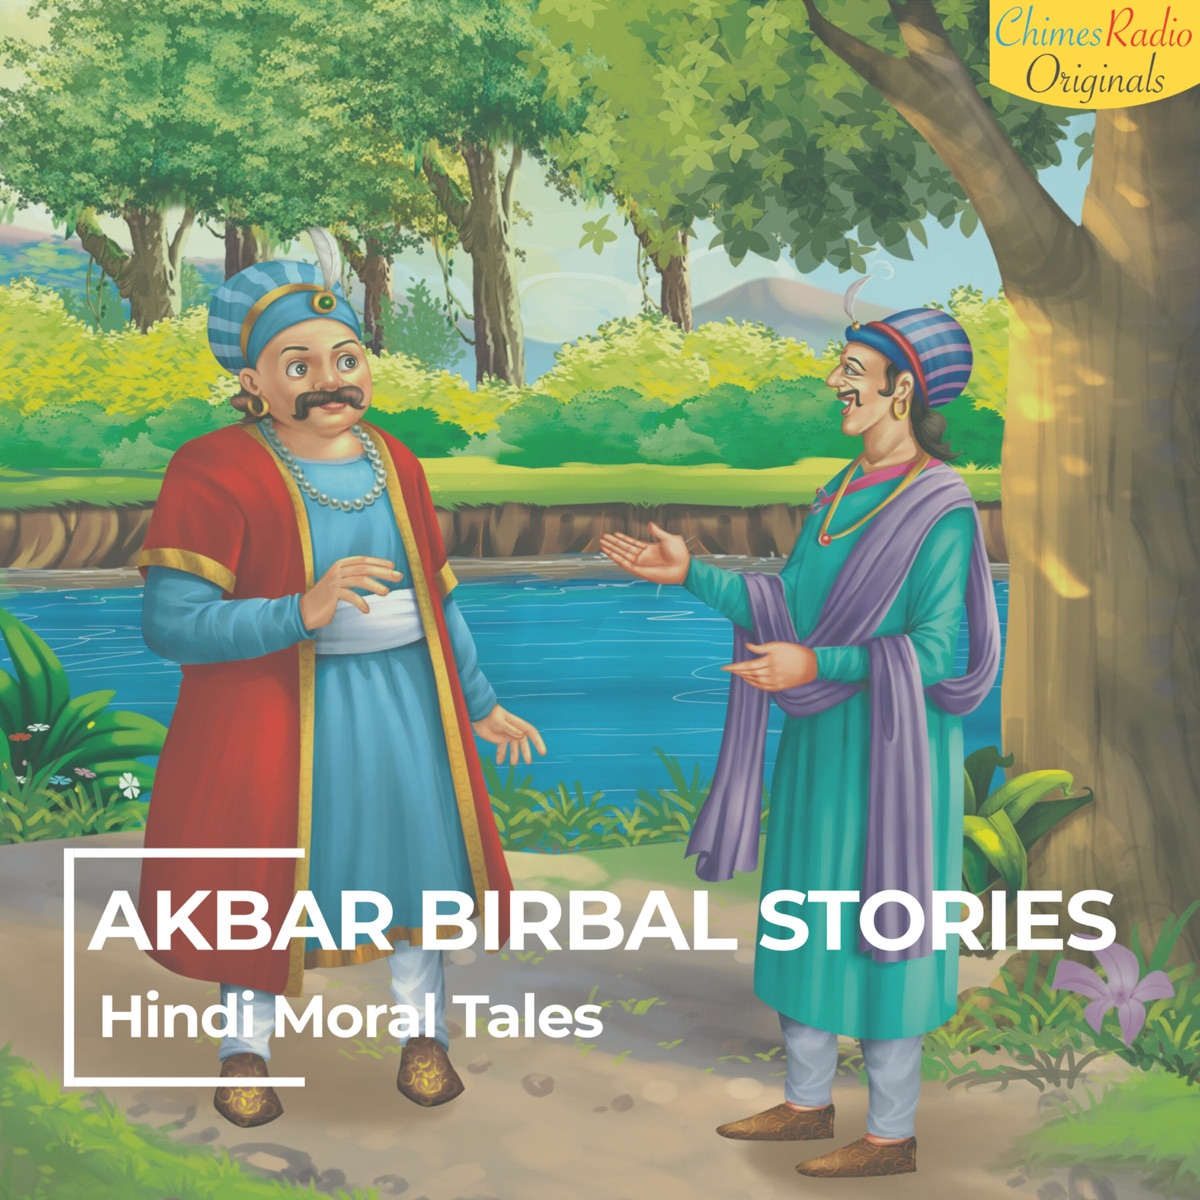 Akbar Birbal Stories- Hindi Moral Tales